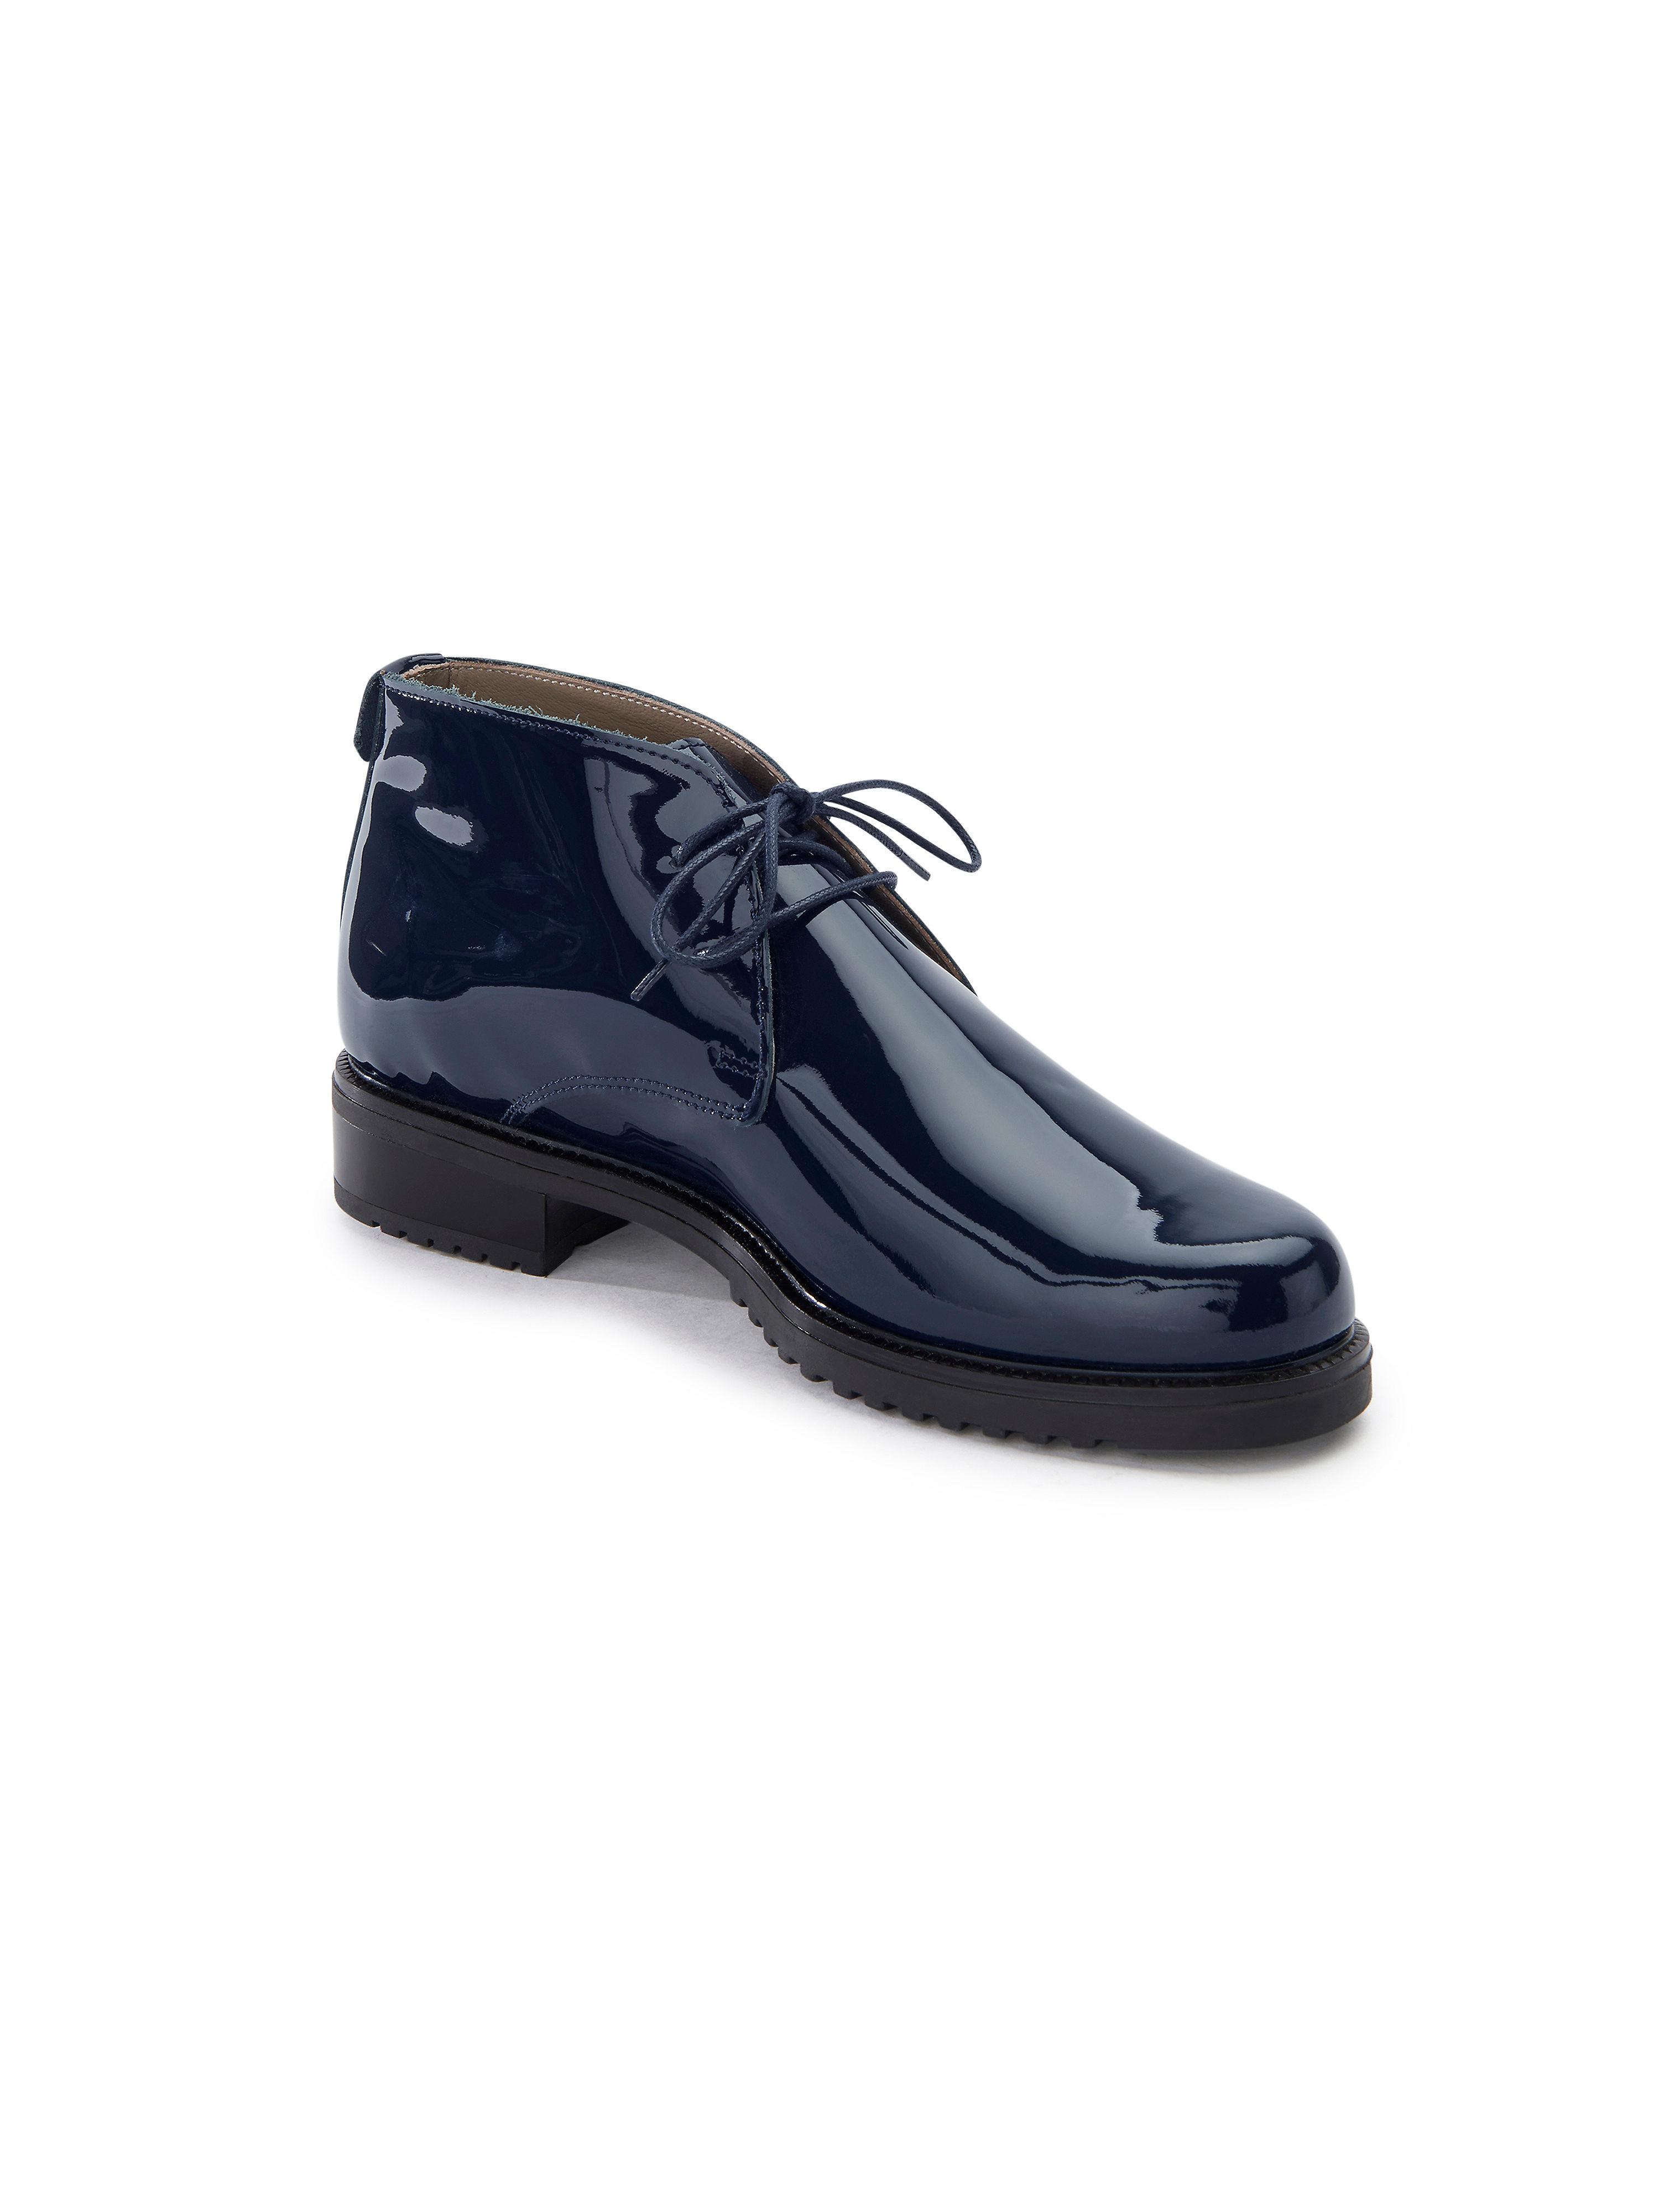 Ledoni - Kurz-Stiefelette aus Gute 100% Leder - Marine Gute aus Qualität beliebte Schuhe 82fdba